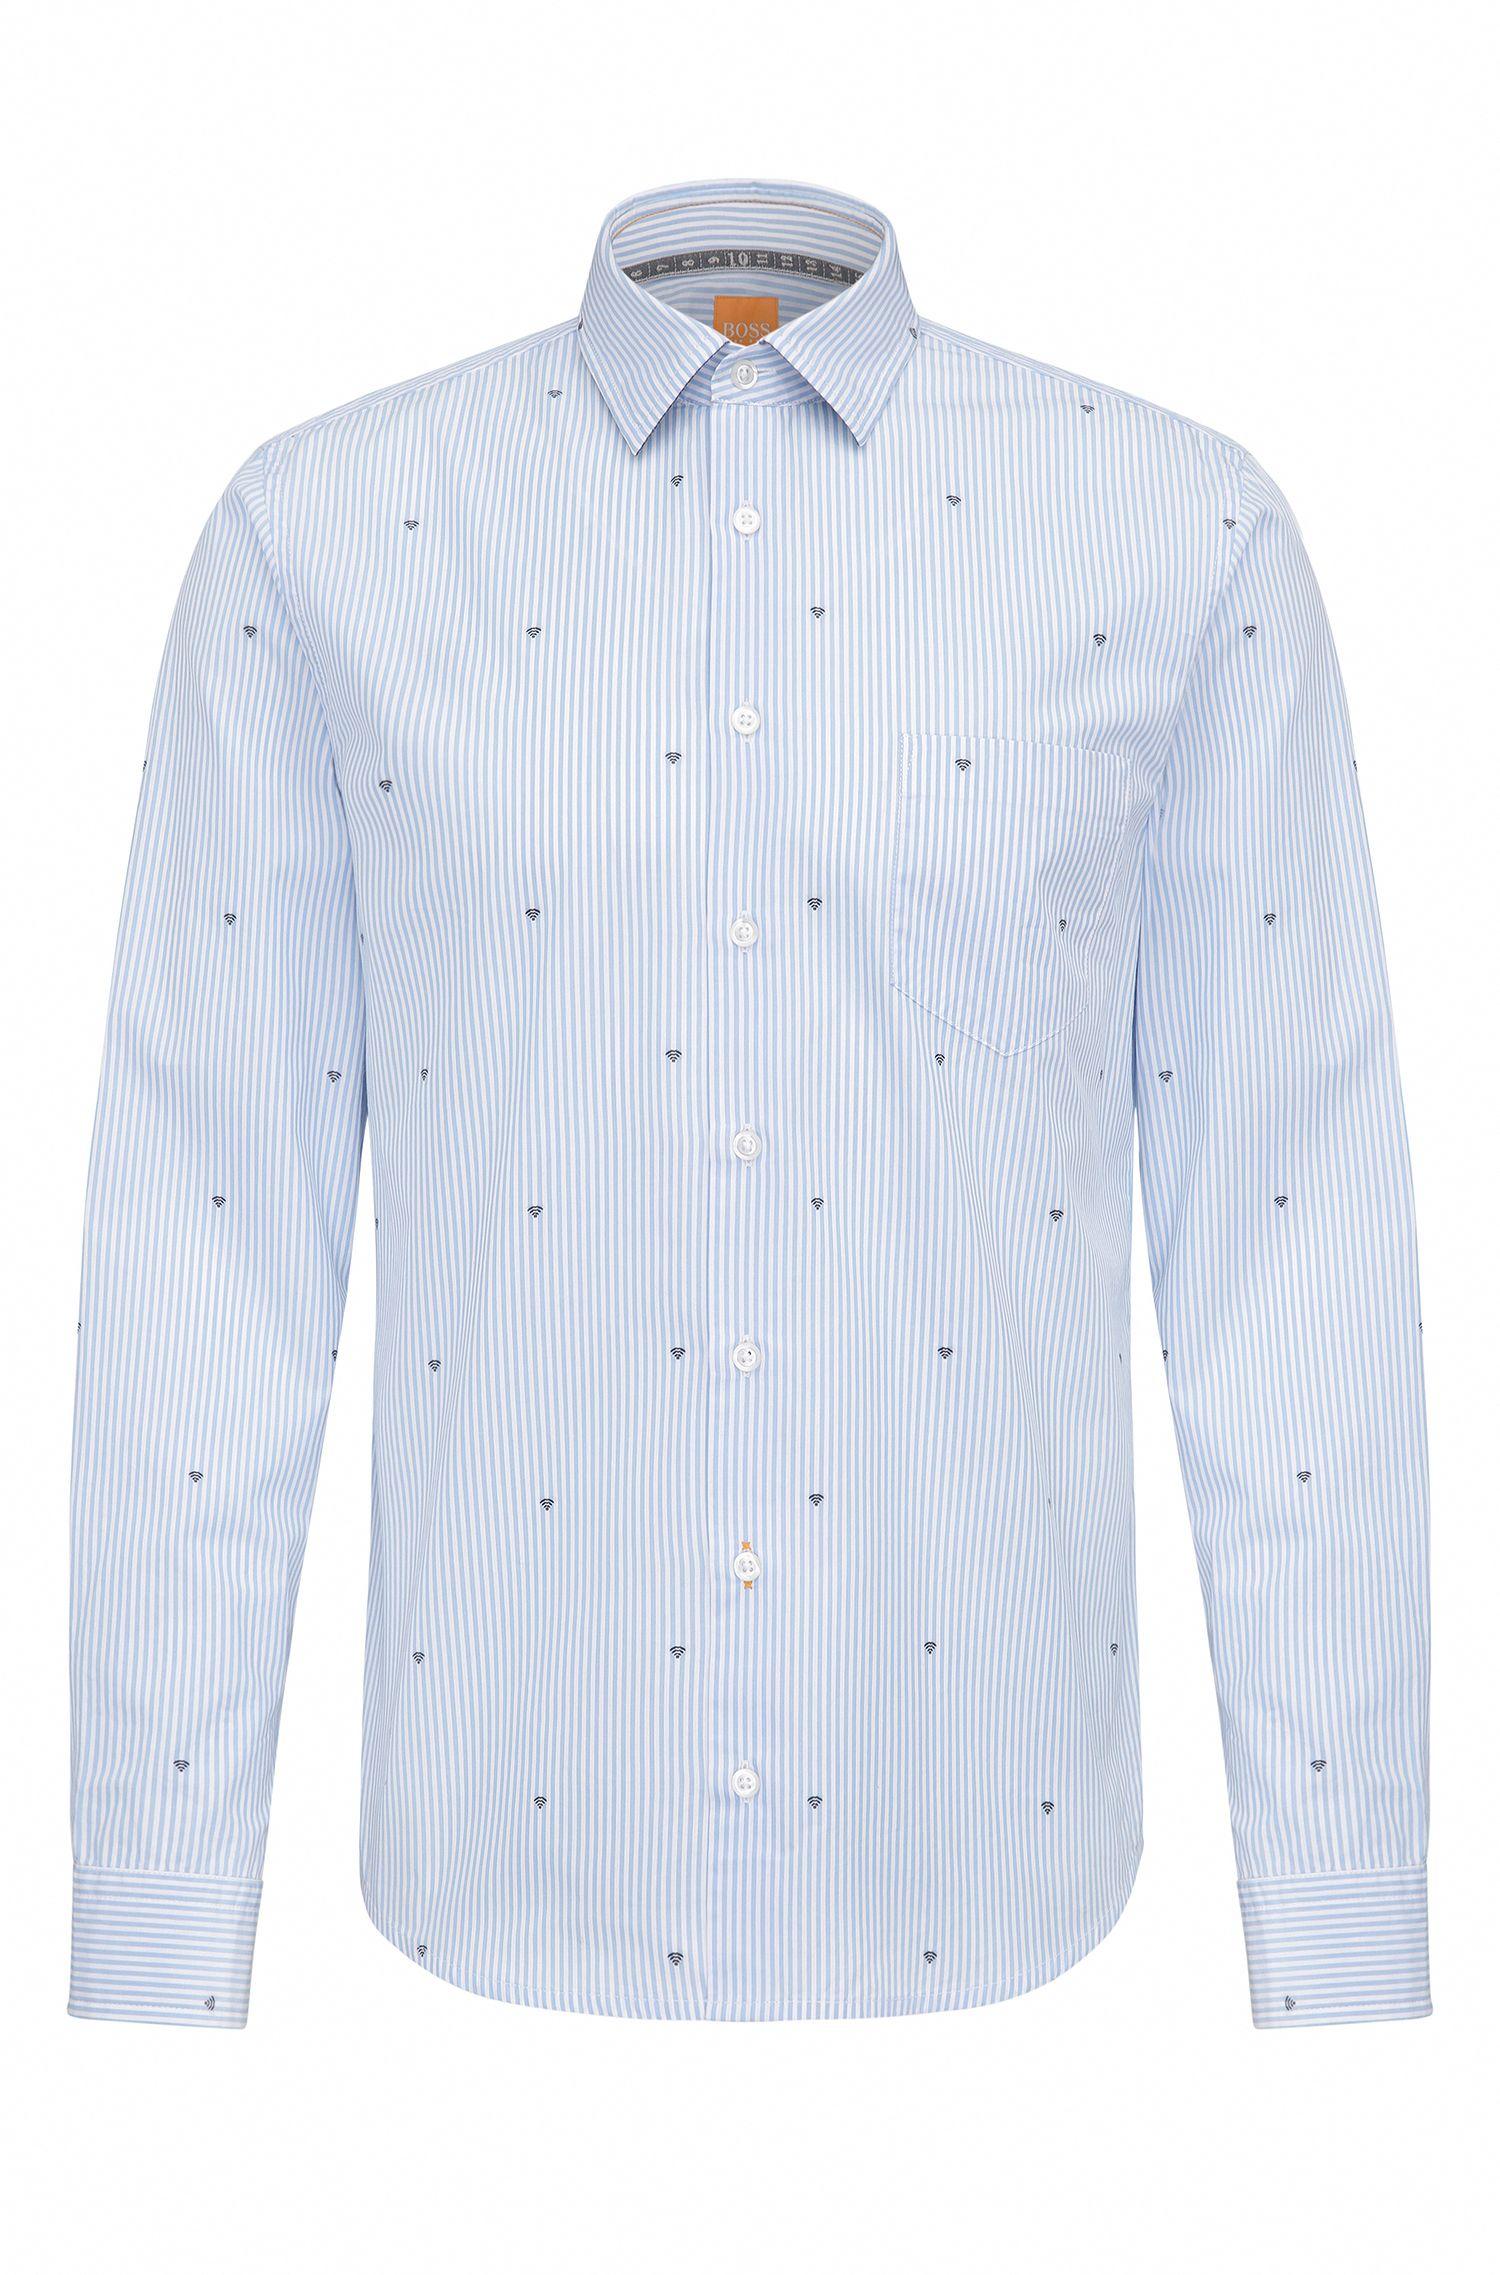 Camisa slim fit de algodón con símbolos gráficos